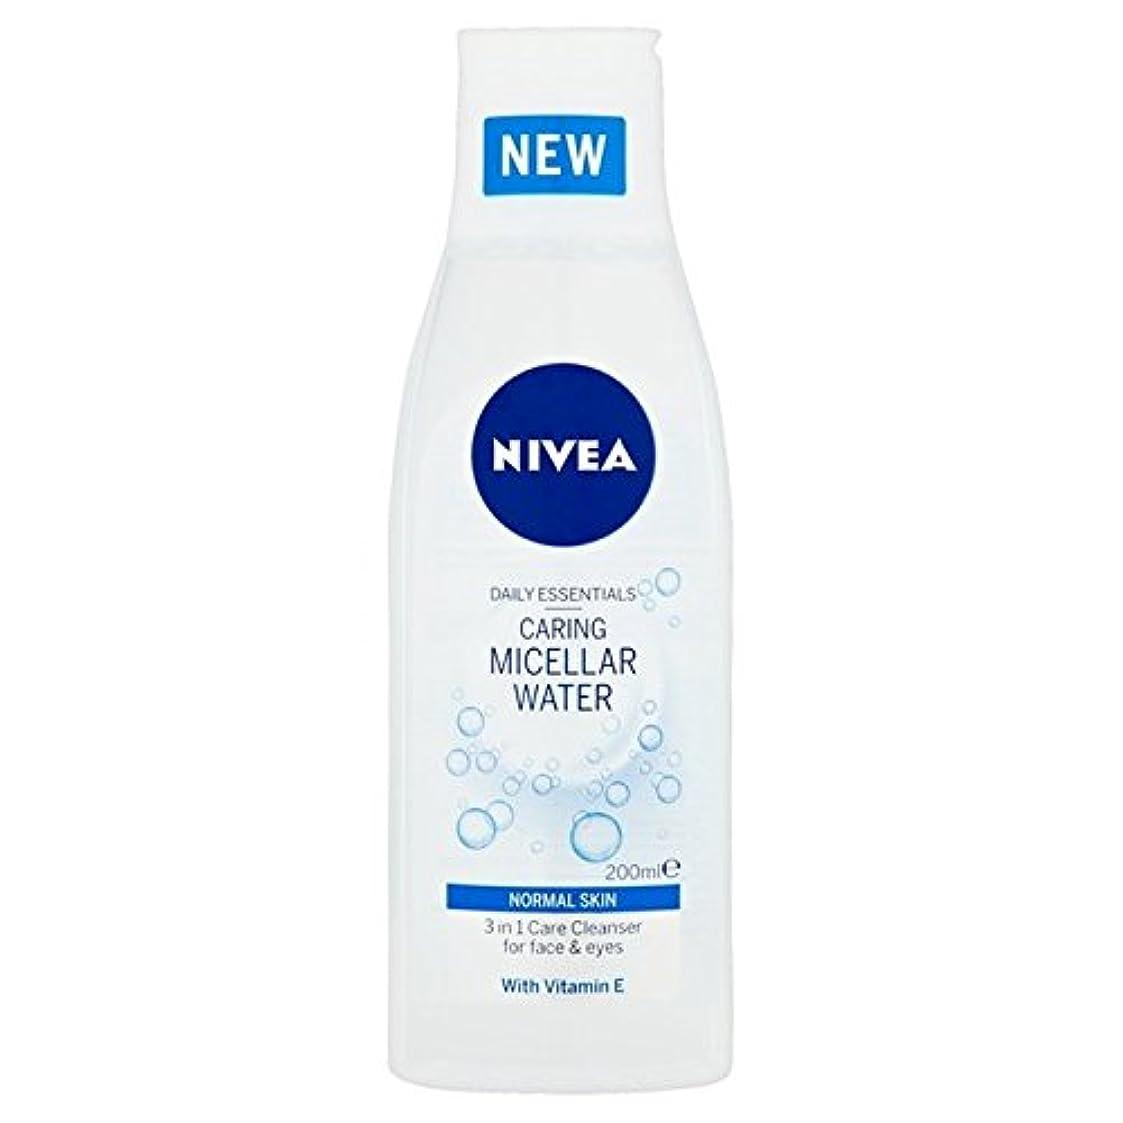 バッジ彼女の杖Nivea 3 in 1 Sensitive Caring Micellar Water Normal Skin 200ml - 1つの敏感な思いやりのあるミセル水の正常な皮膚の200ミリリットルでニベア3 [並行輸入品]